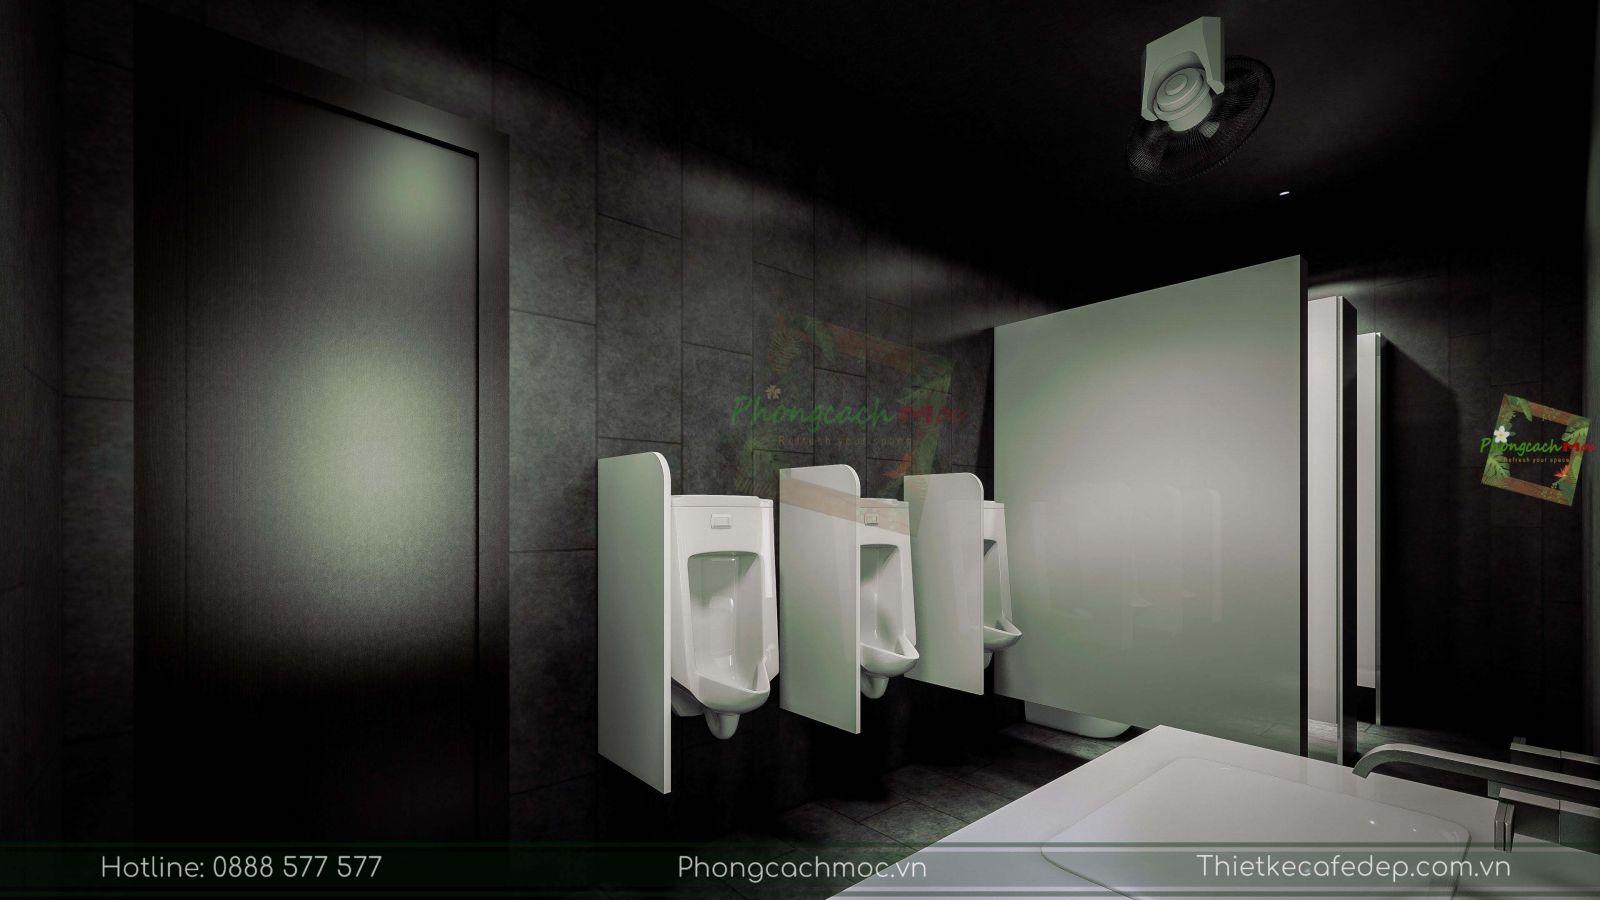 thiết kế nhà hàng trung hoa - khu vực vệ sinh - 2